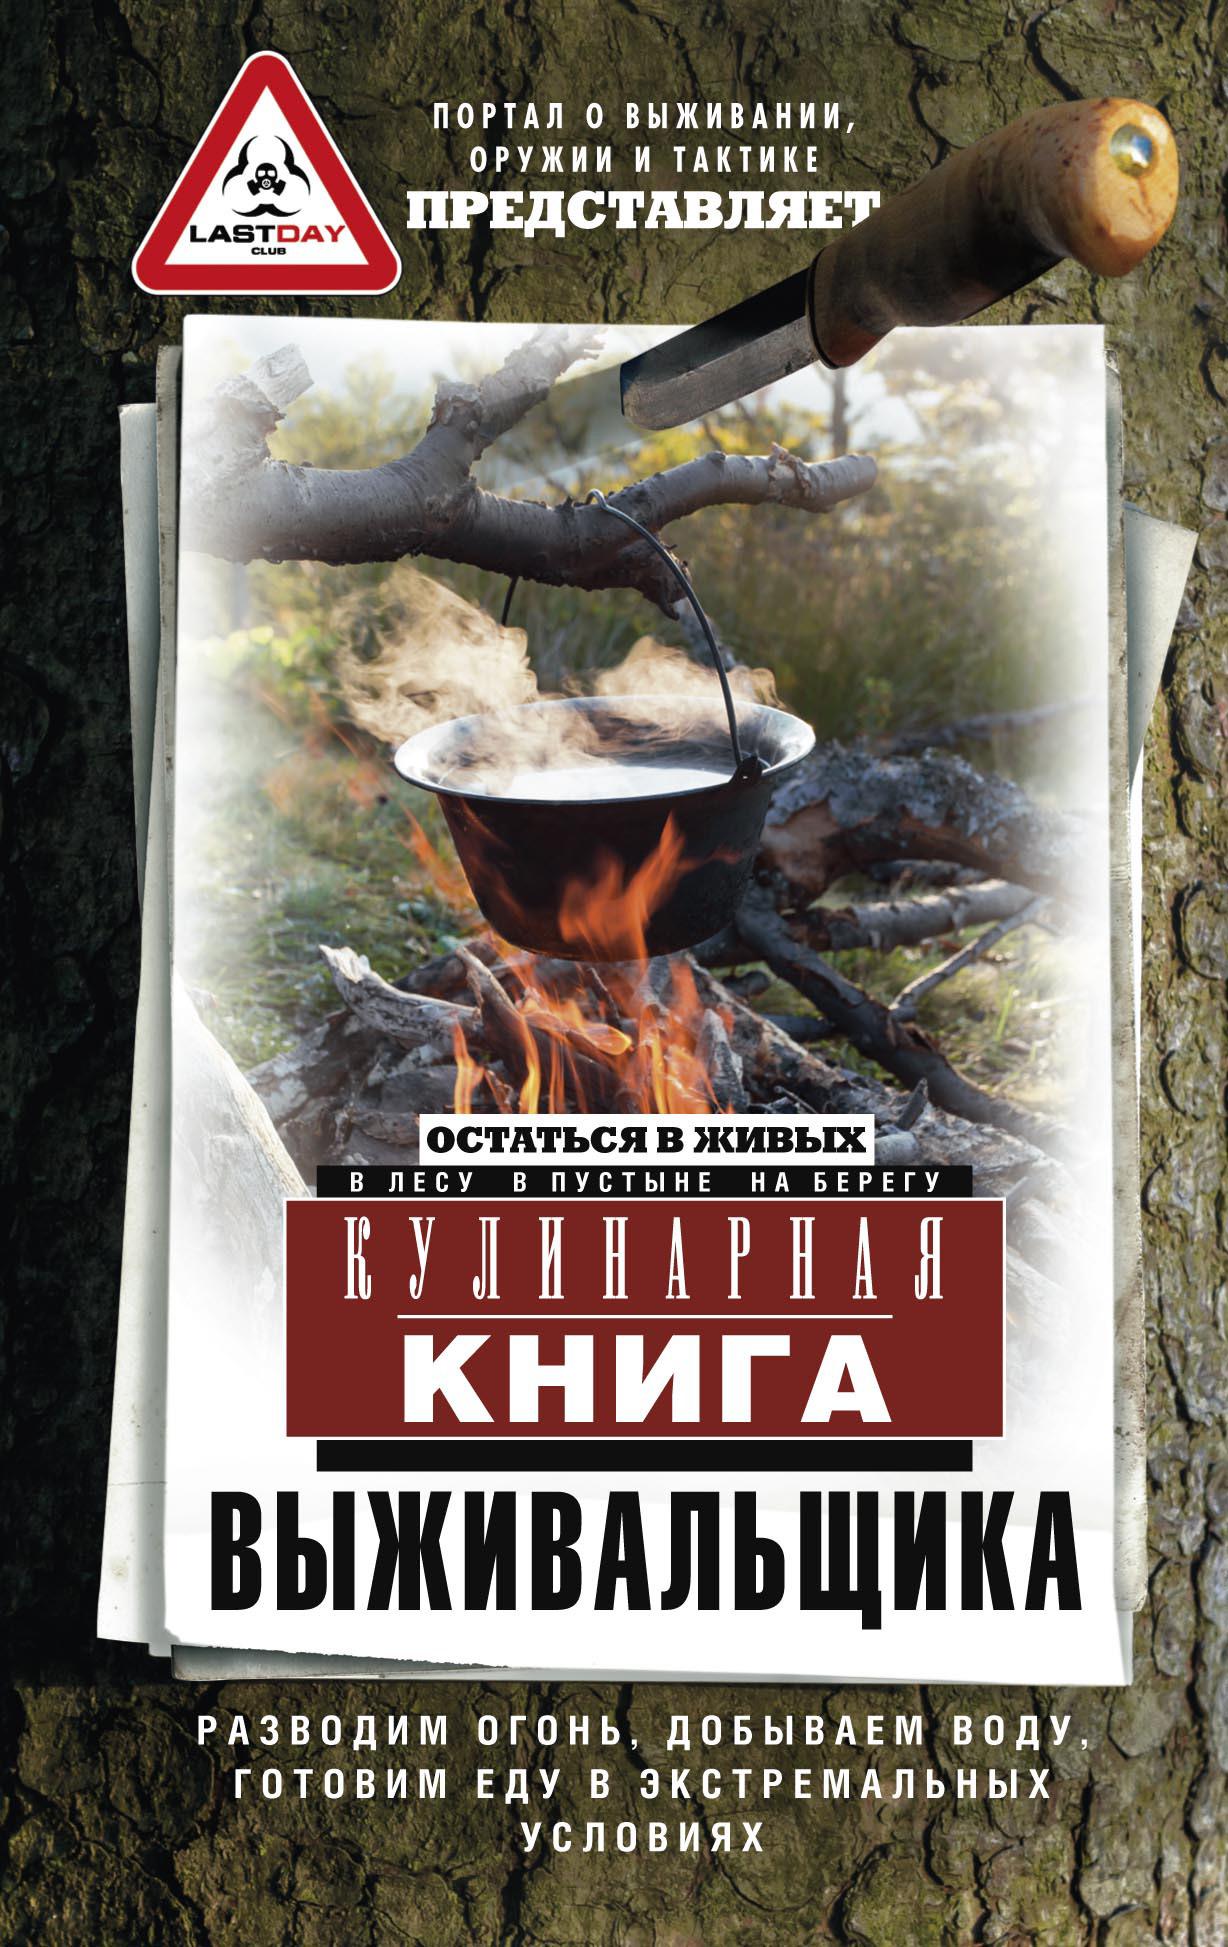 kulinarnaya kniga vyzhivalshchika ostatsya v zhivykh v lesu v pustyne na beregu razvodim ogon dobyvaem vodu gotovim edu v ekstremalnykh usloviyakh